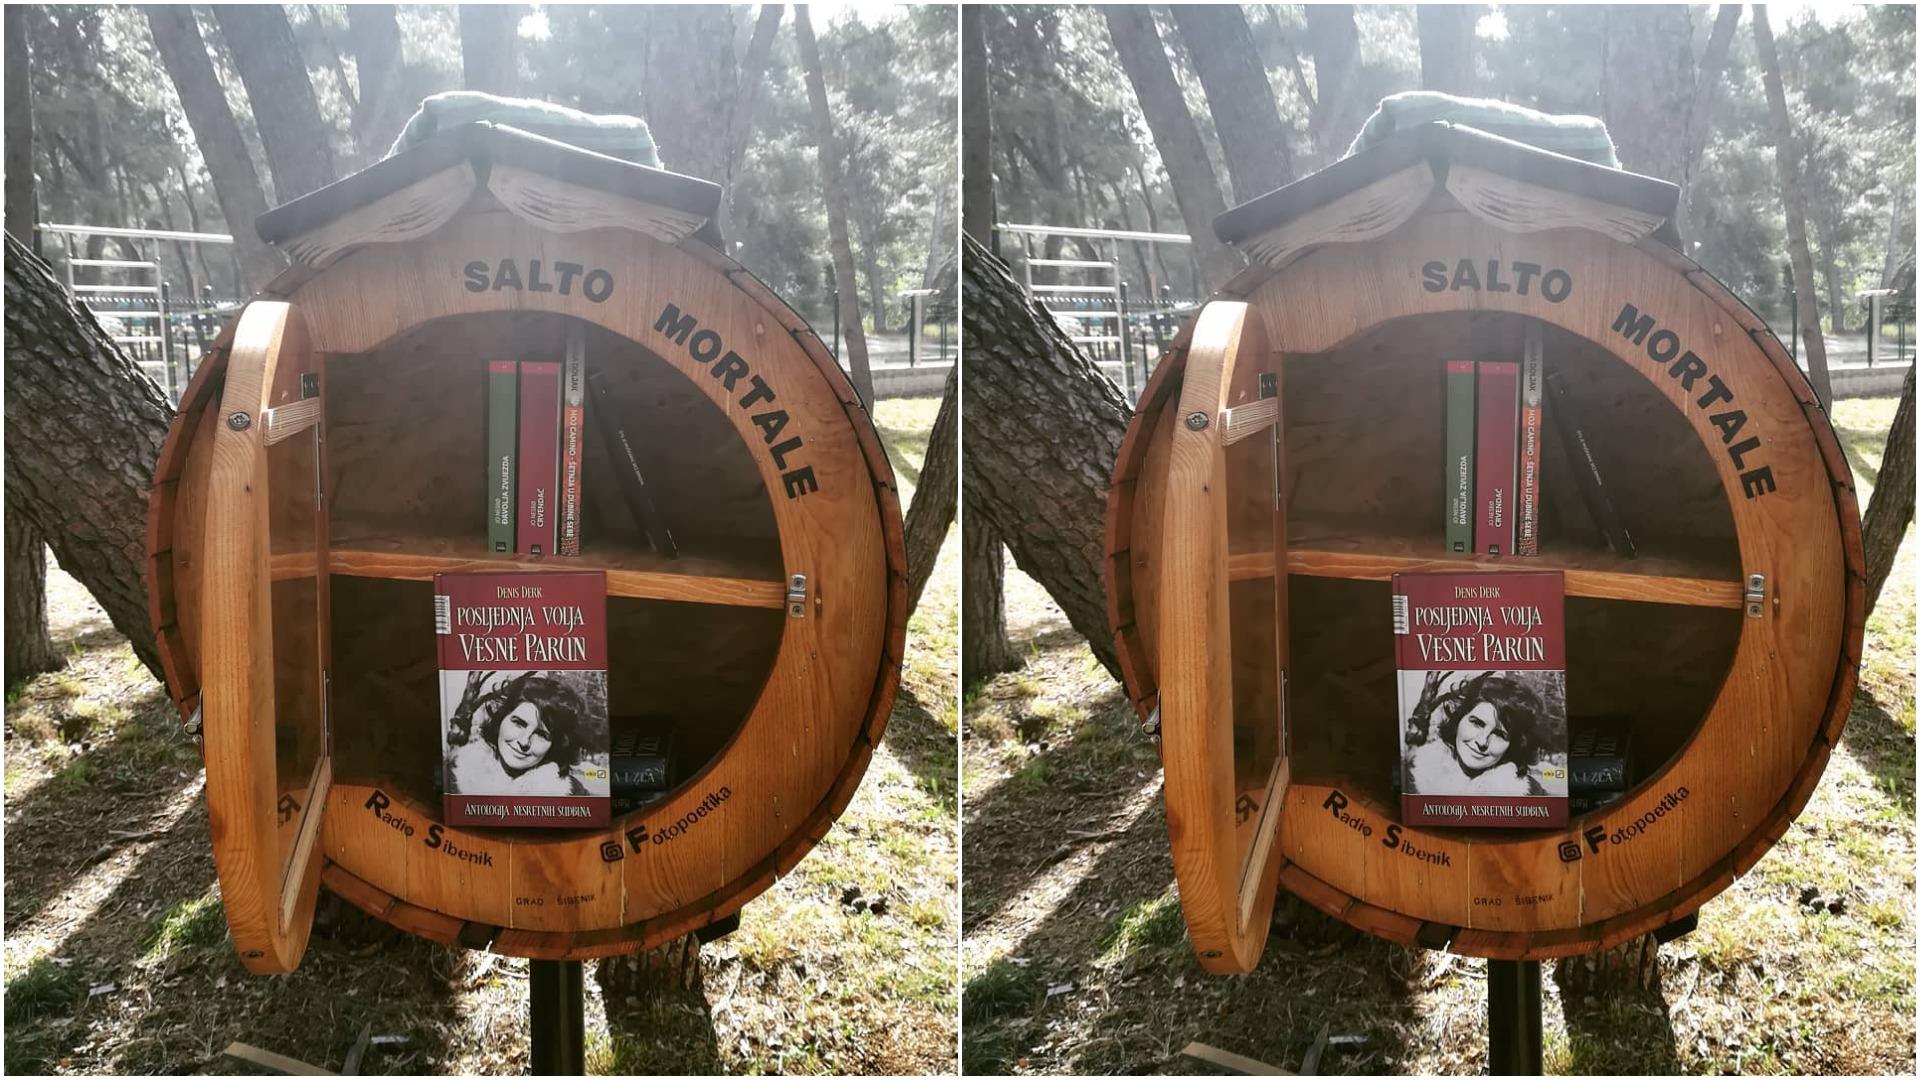 Mala knjižnica na otvorenome posvećena Vesni Parun | Šibenik